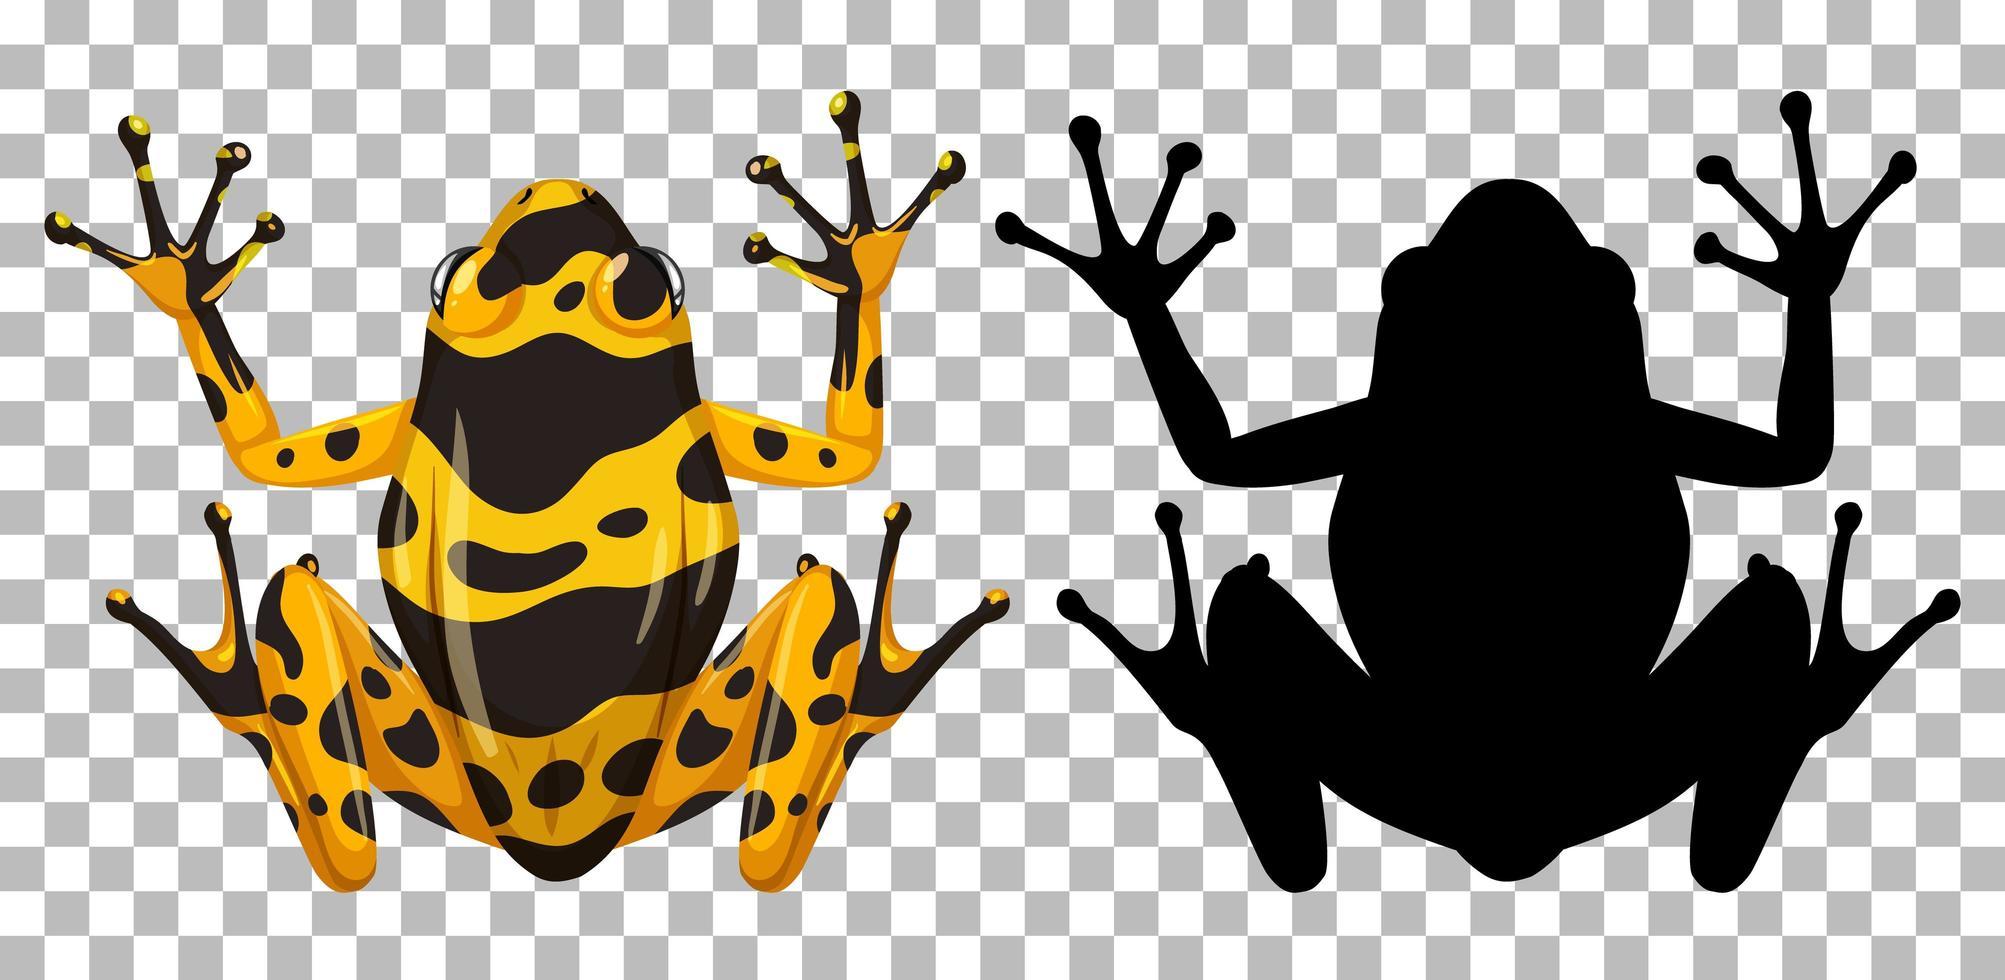 gelb gebänderter Frosch mit seiner Silhouette vektor